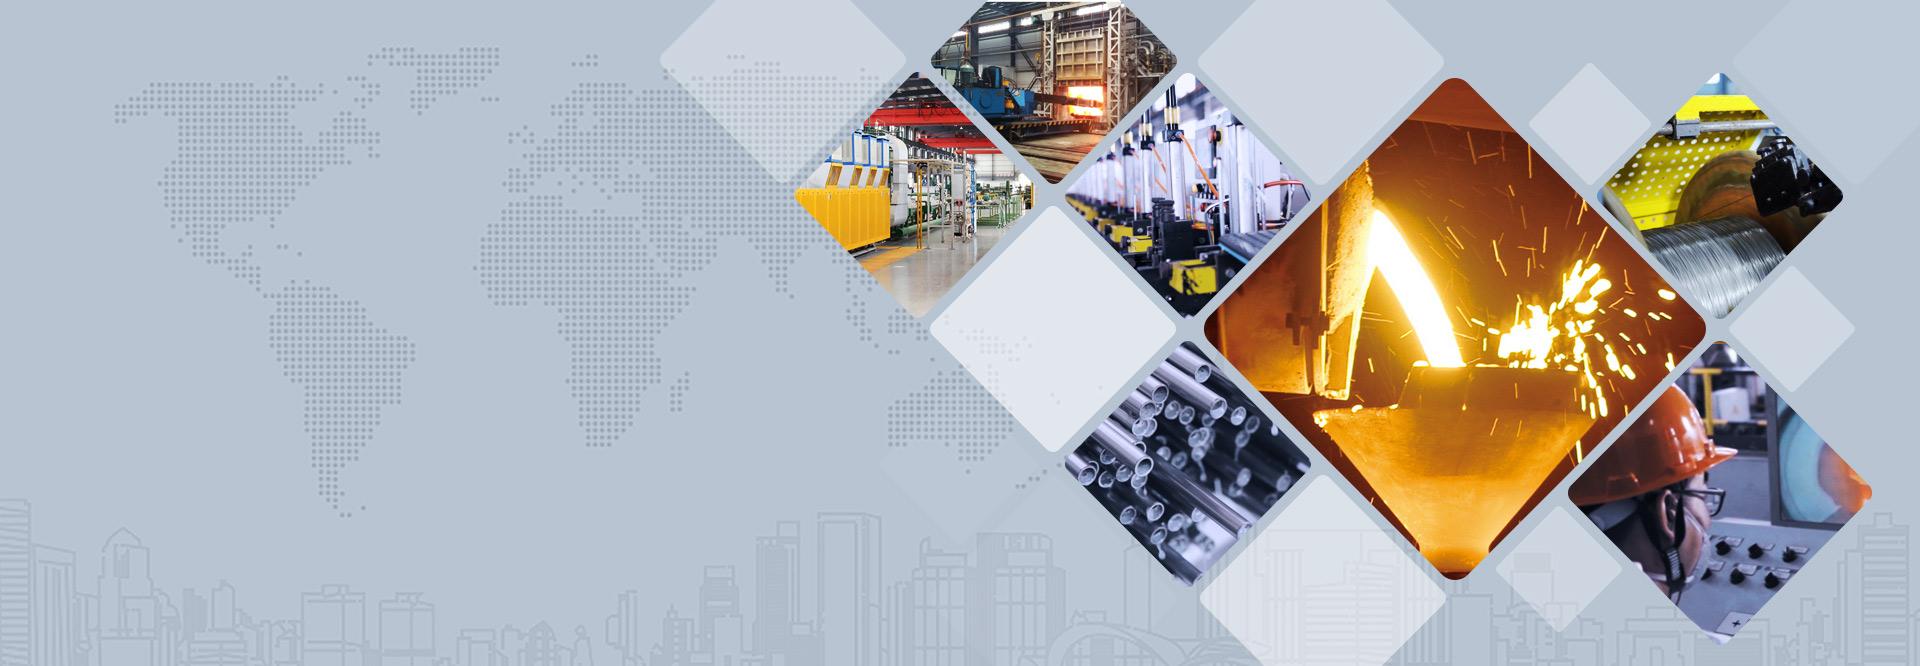 高端装备用高性能合金材料及制品提供方